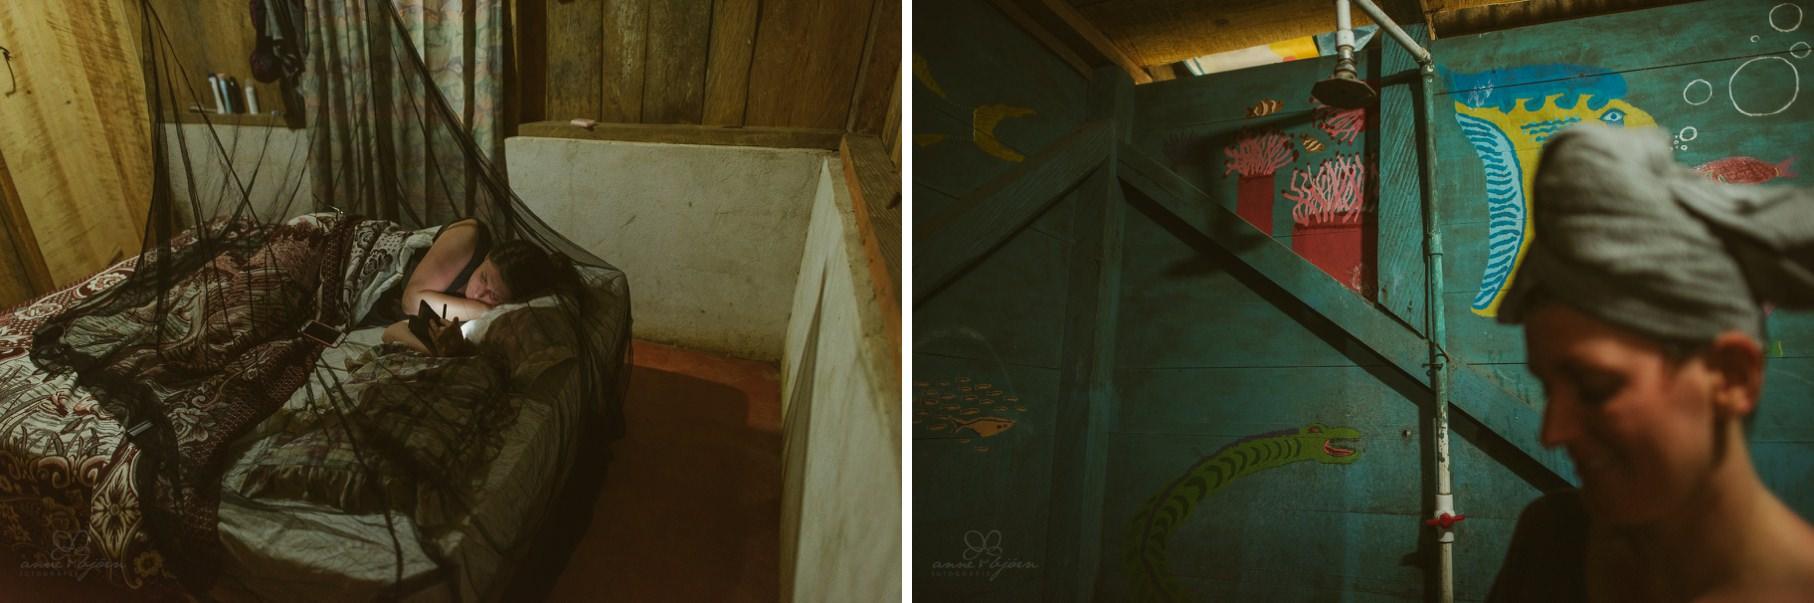 0195 anne und bjoern guatemala 811 3962 - 4 Wochen durch Guatemala - backpacking durch Mittelamerika